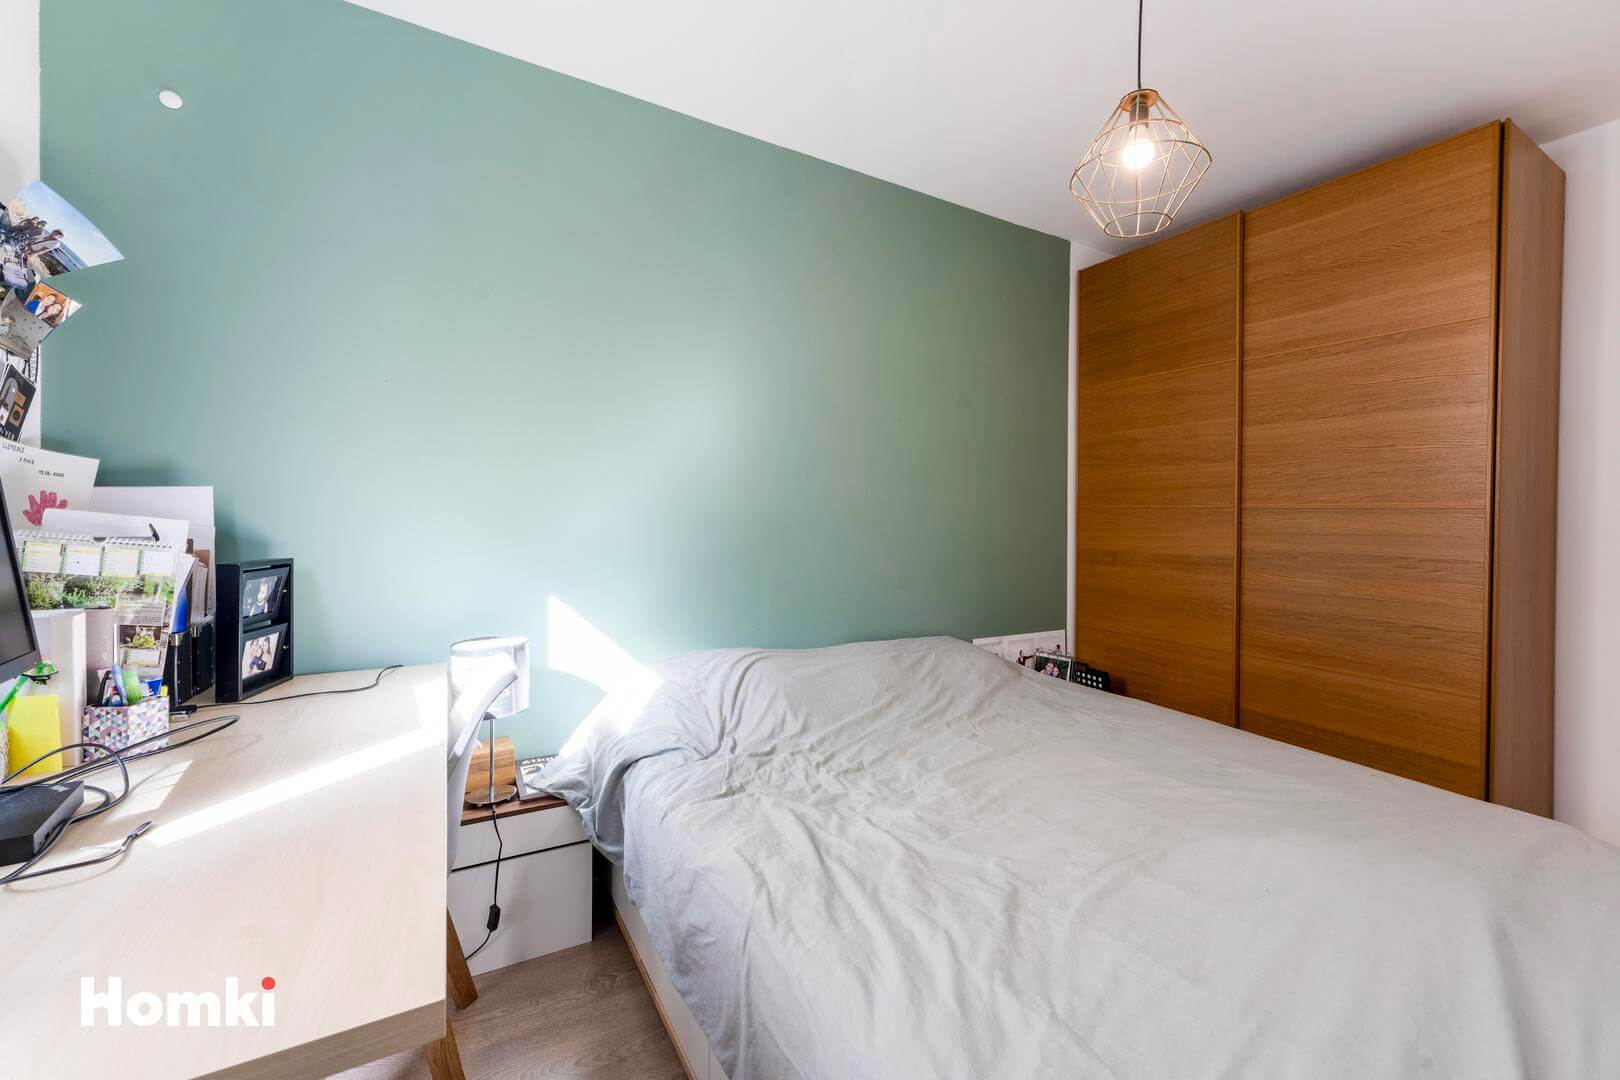 Homki - Vente Appartement  de 59.0 m² à Marseille 13006